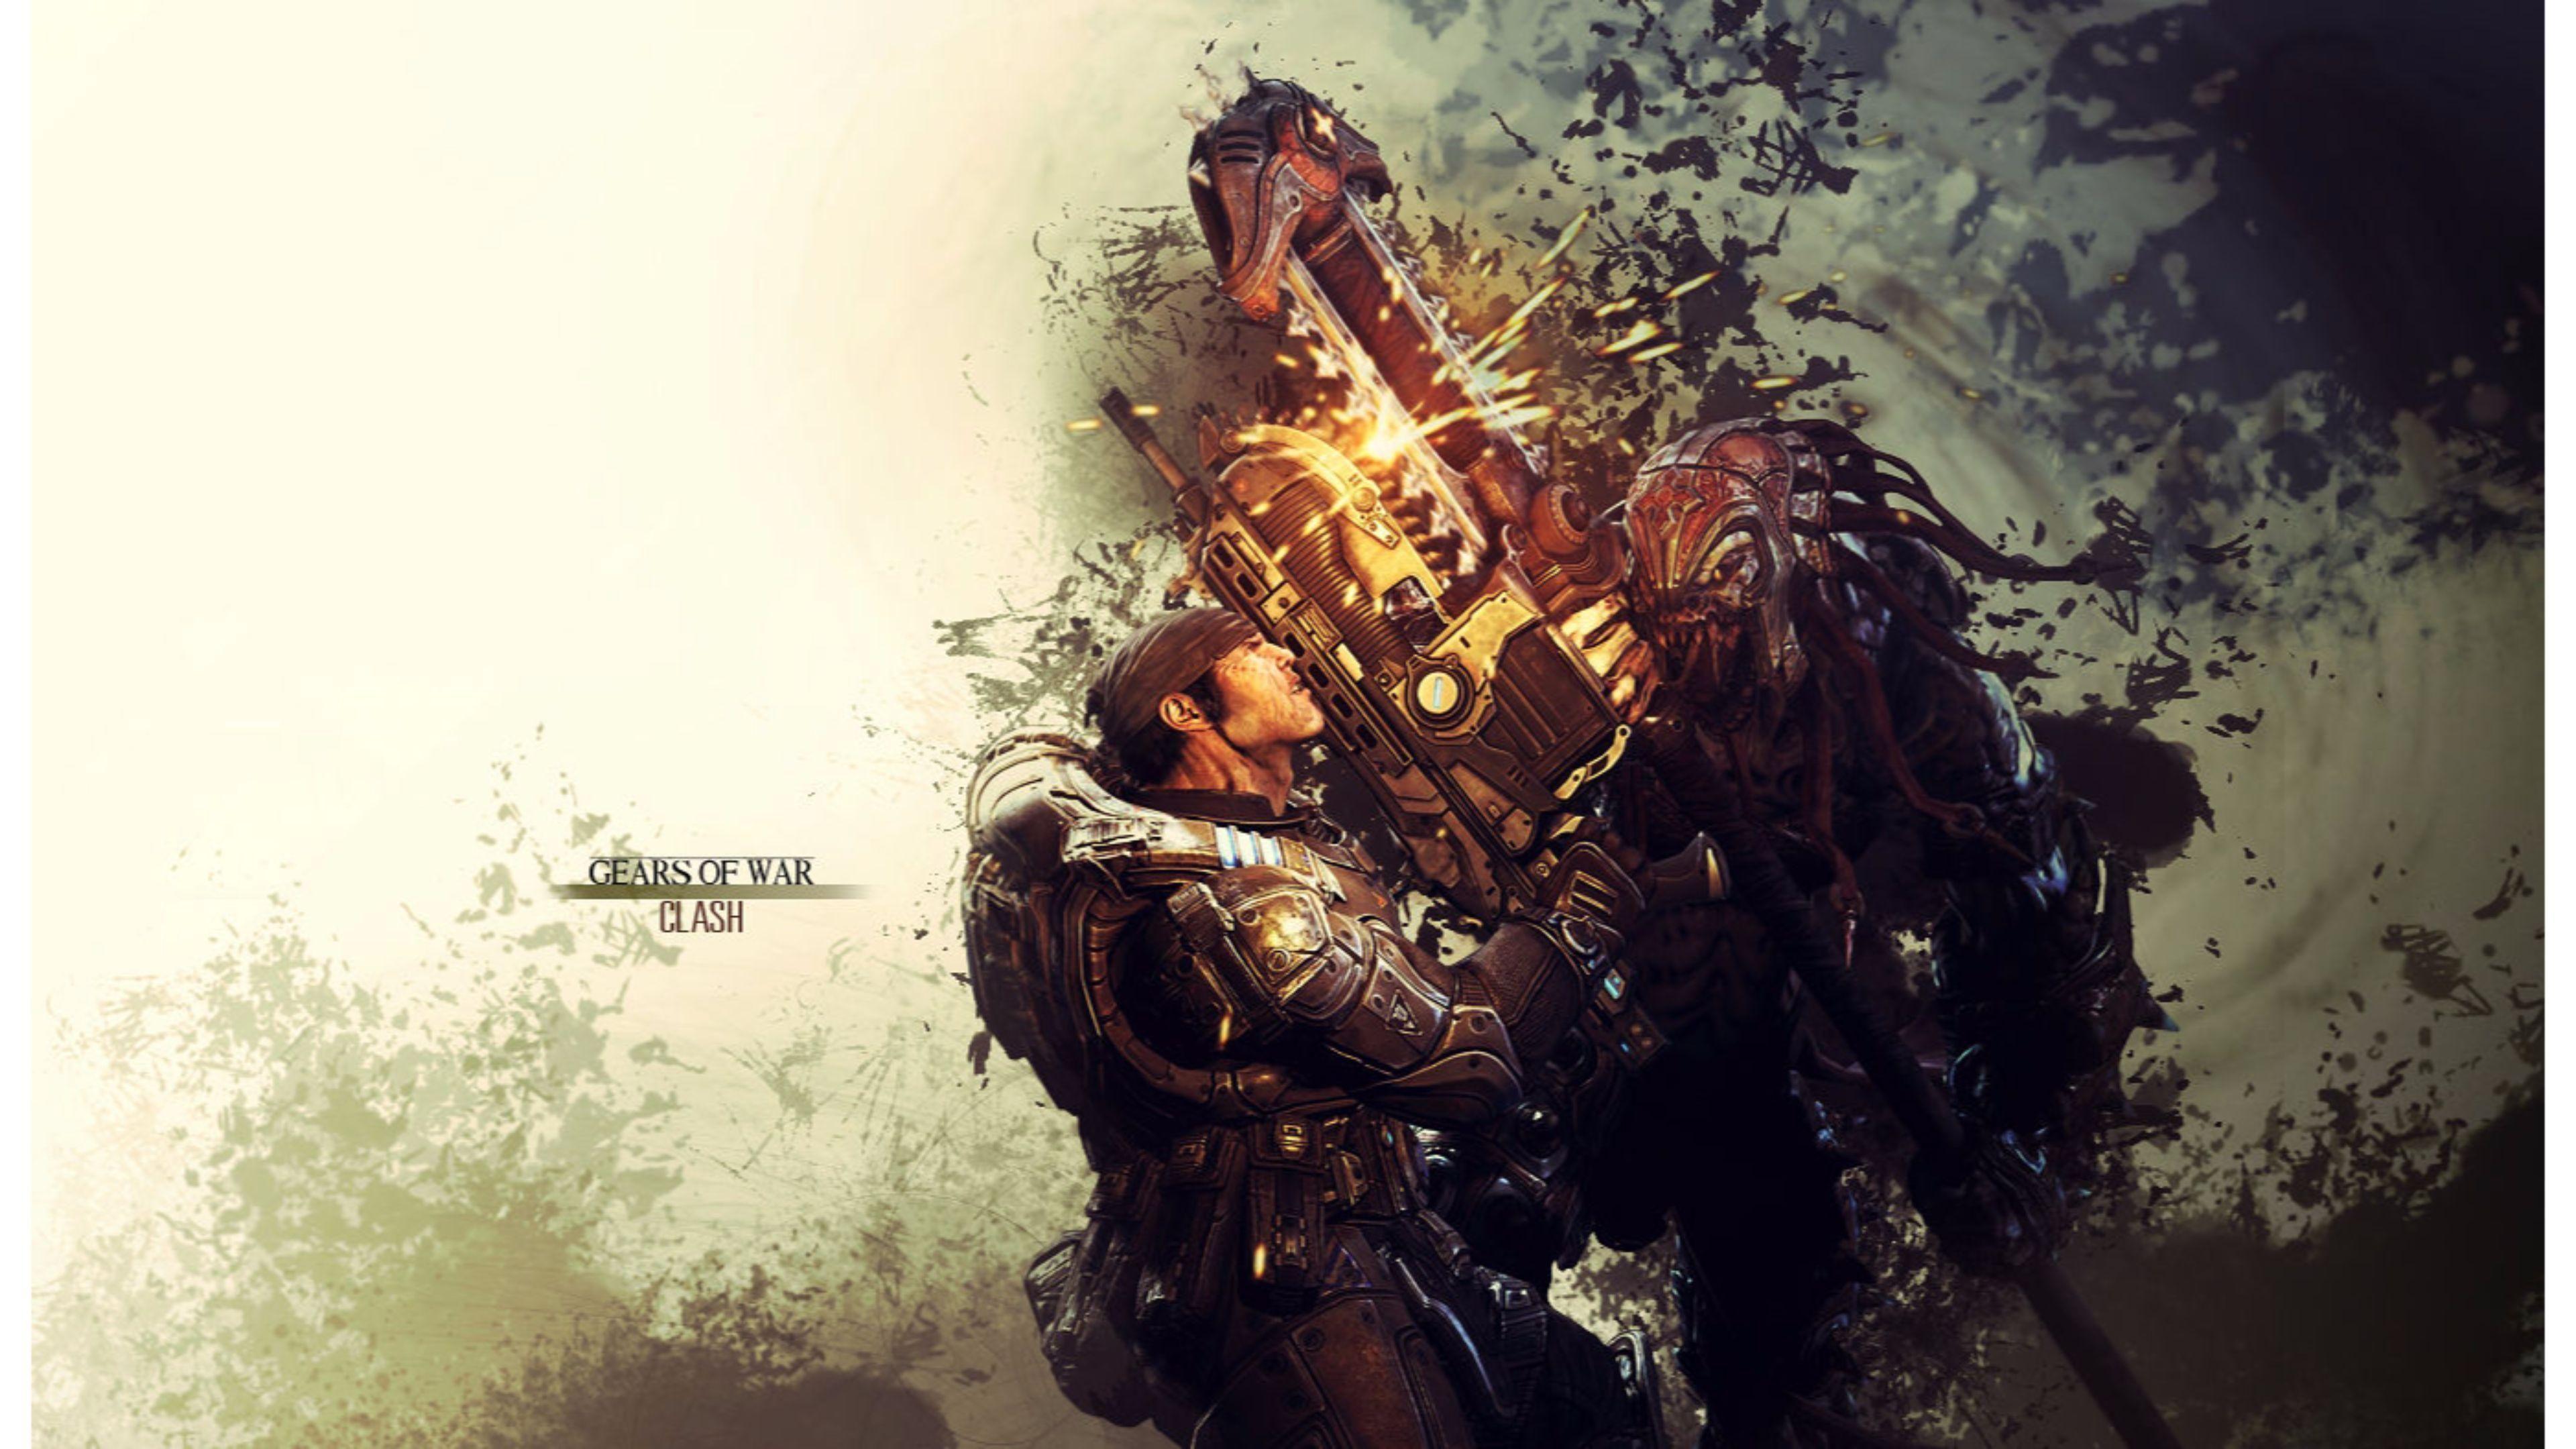 Gears Of War 4 Wallpapers Wallpaper Cave Di 2020